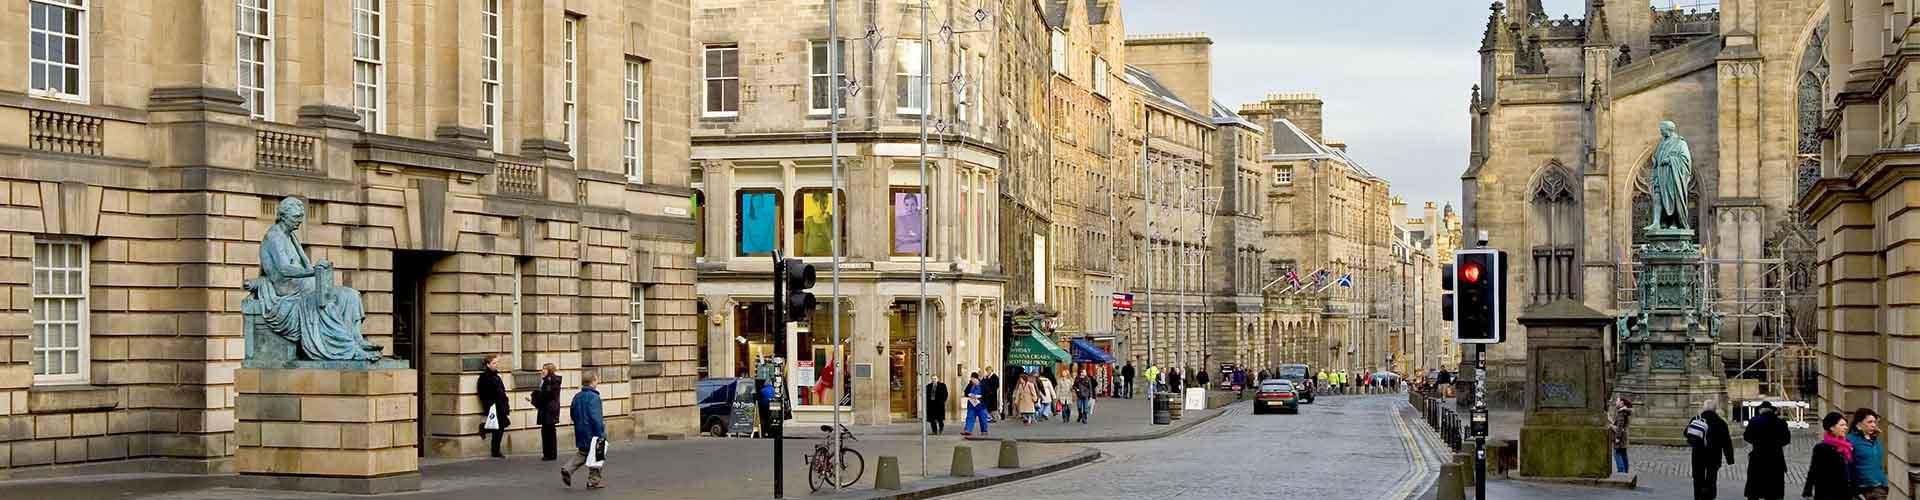 Edimbourg - Chambres pas chères dans le quartier de The High Street. Cartes pour Edimbourg, photos et commentaires pour chaque chambre à Edimbourg.